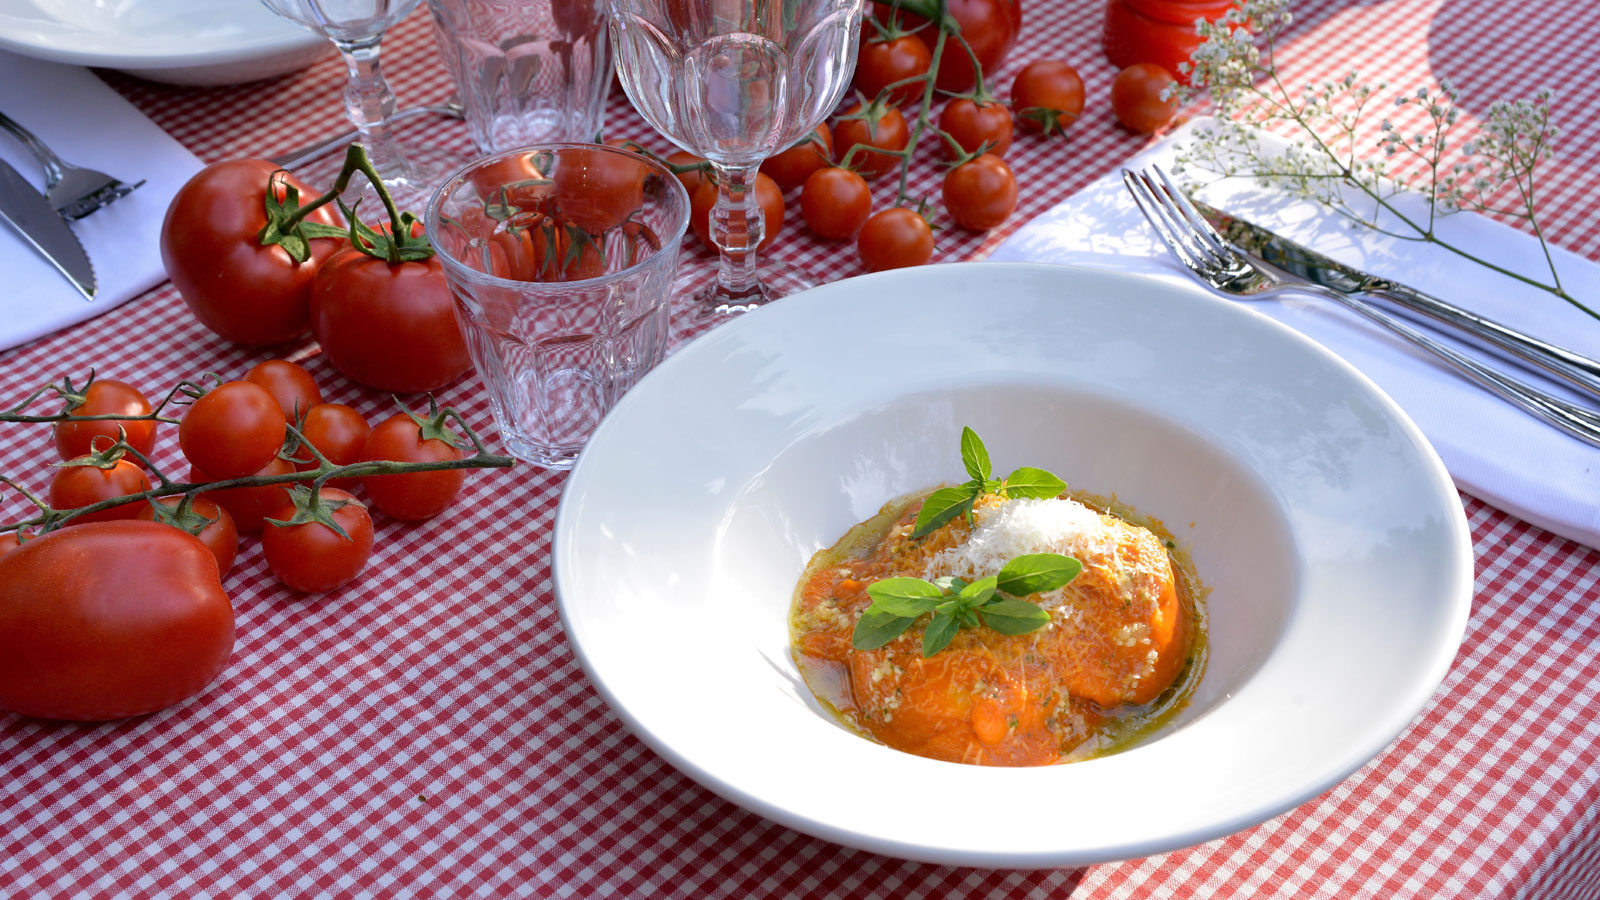 Raviolis caseros de ricotta con salsa tuco pablo vicari receta canal cocina - Cocina casera a domicilio ...